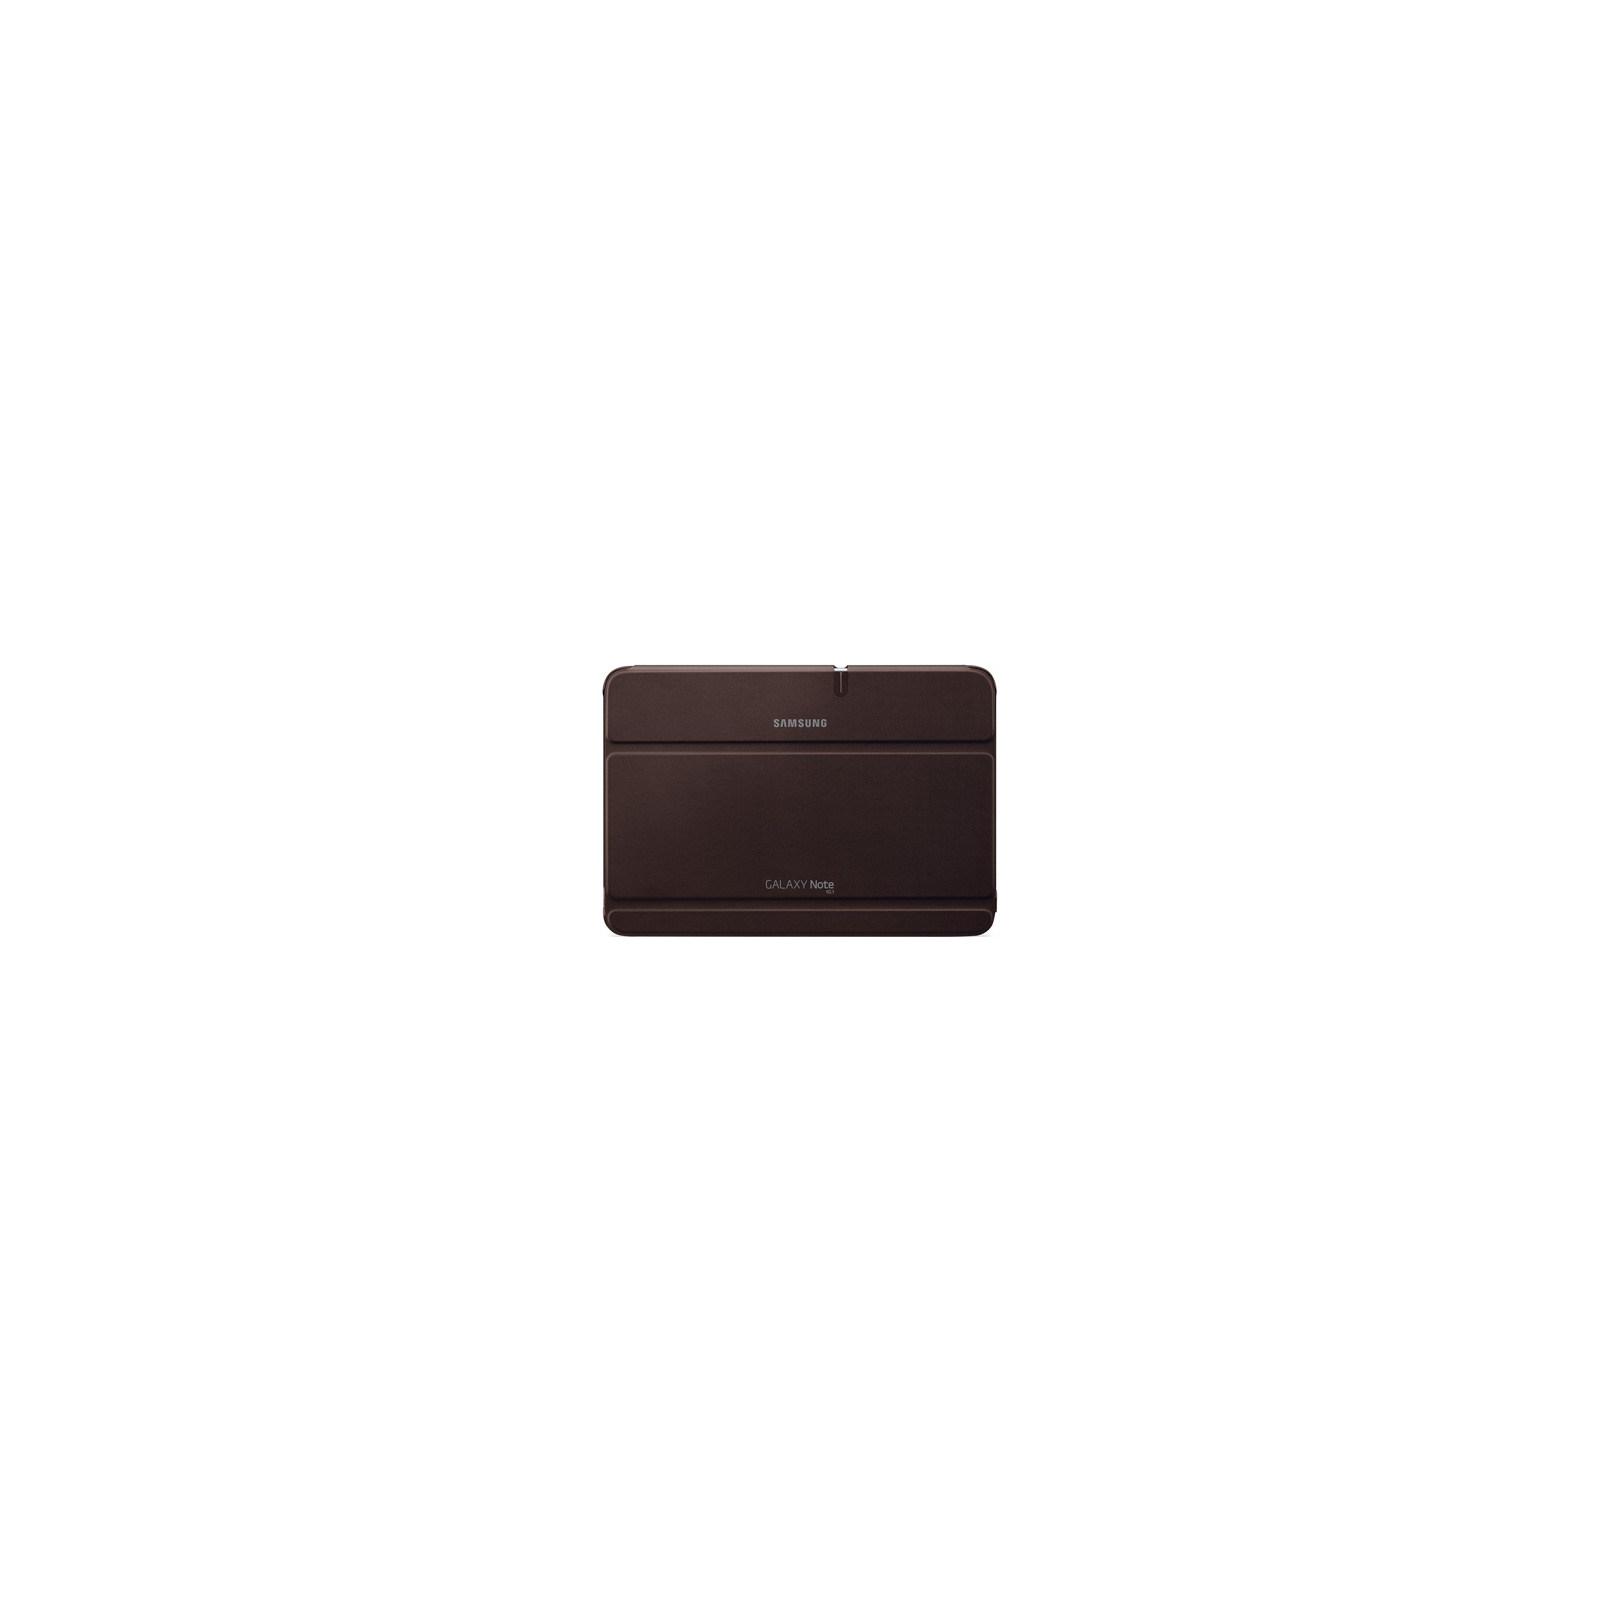 """Чехол для планшета Samsung N8000, 10.1"""" Amber Brown (EFC-1G2NAECSTD)"""